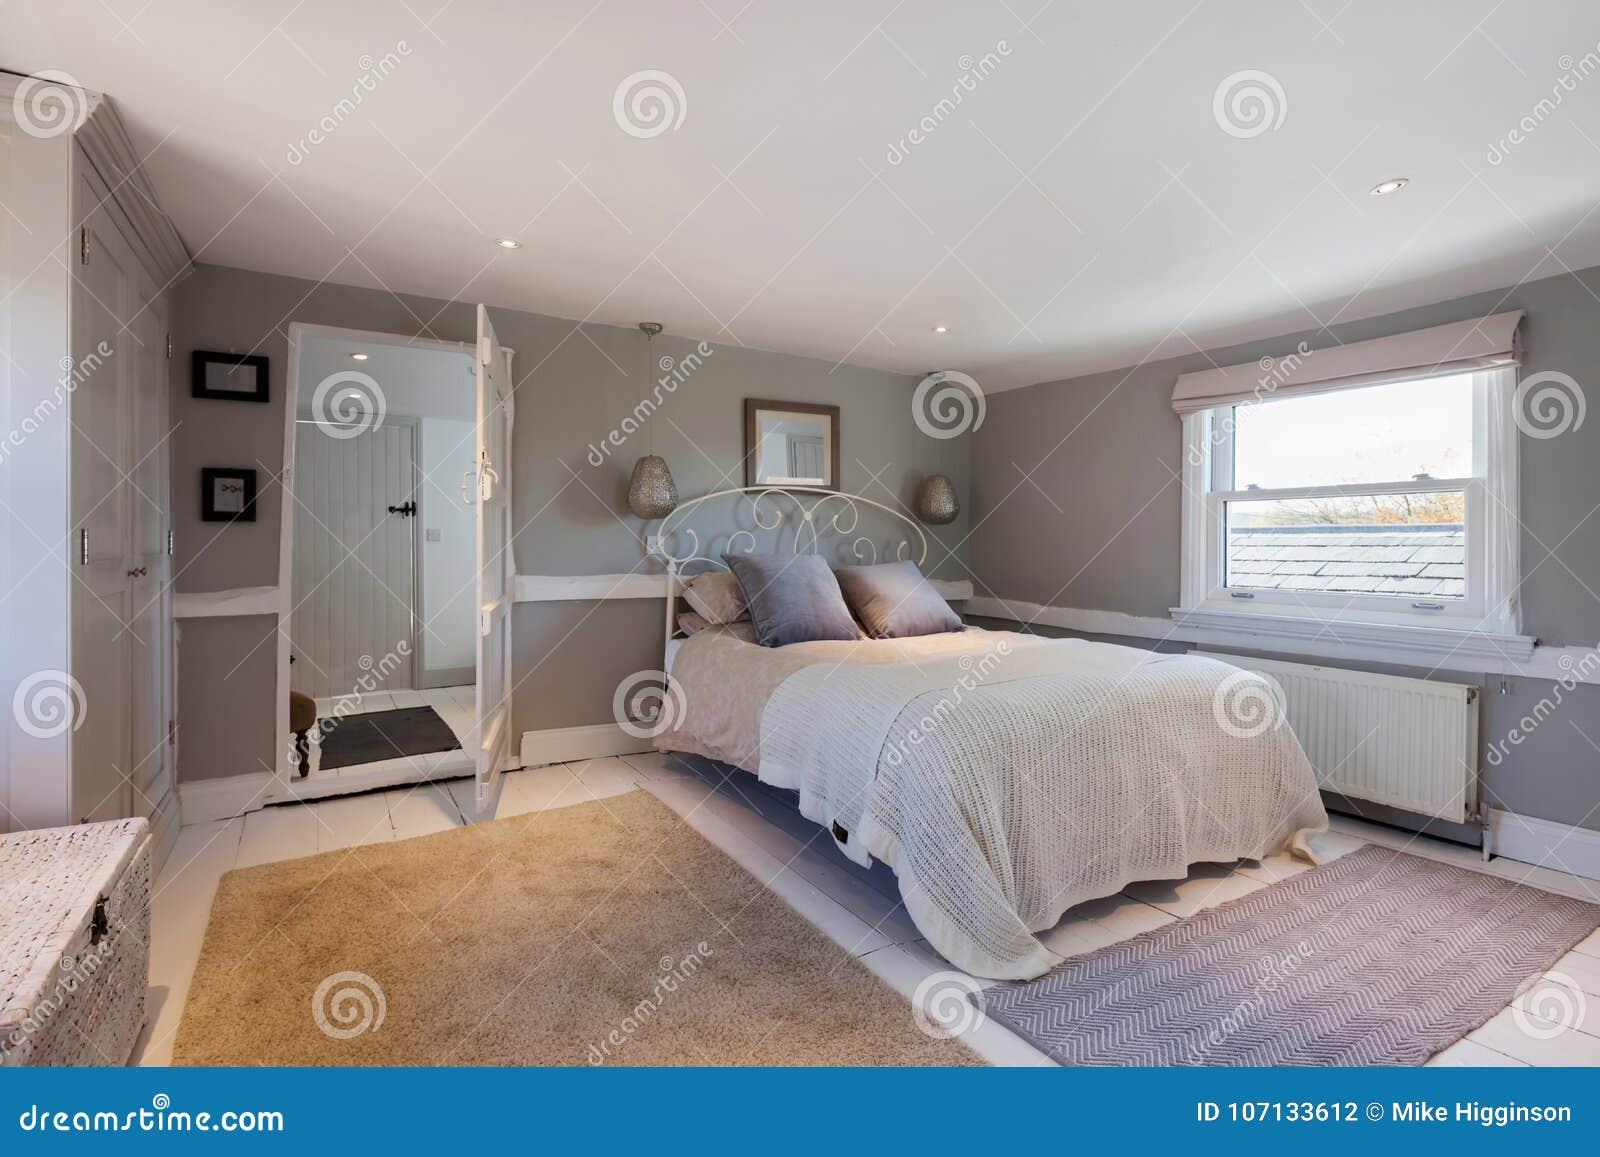 download belle chambre coucher contemporaine avec un regard traditionnel photo stock image du dredon